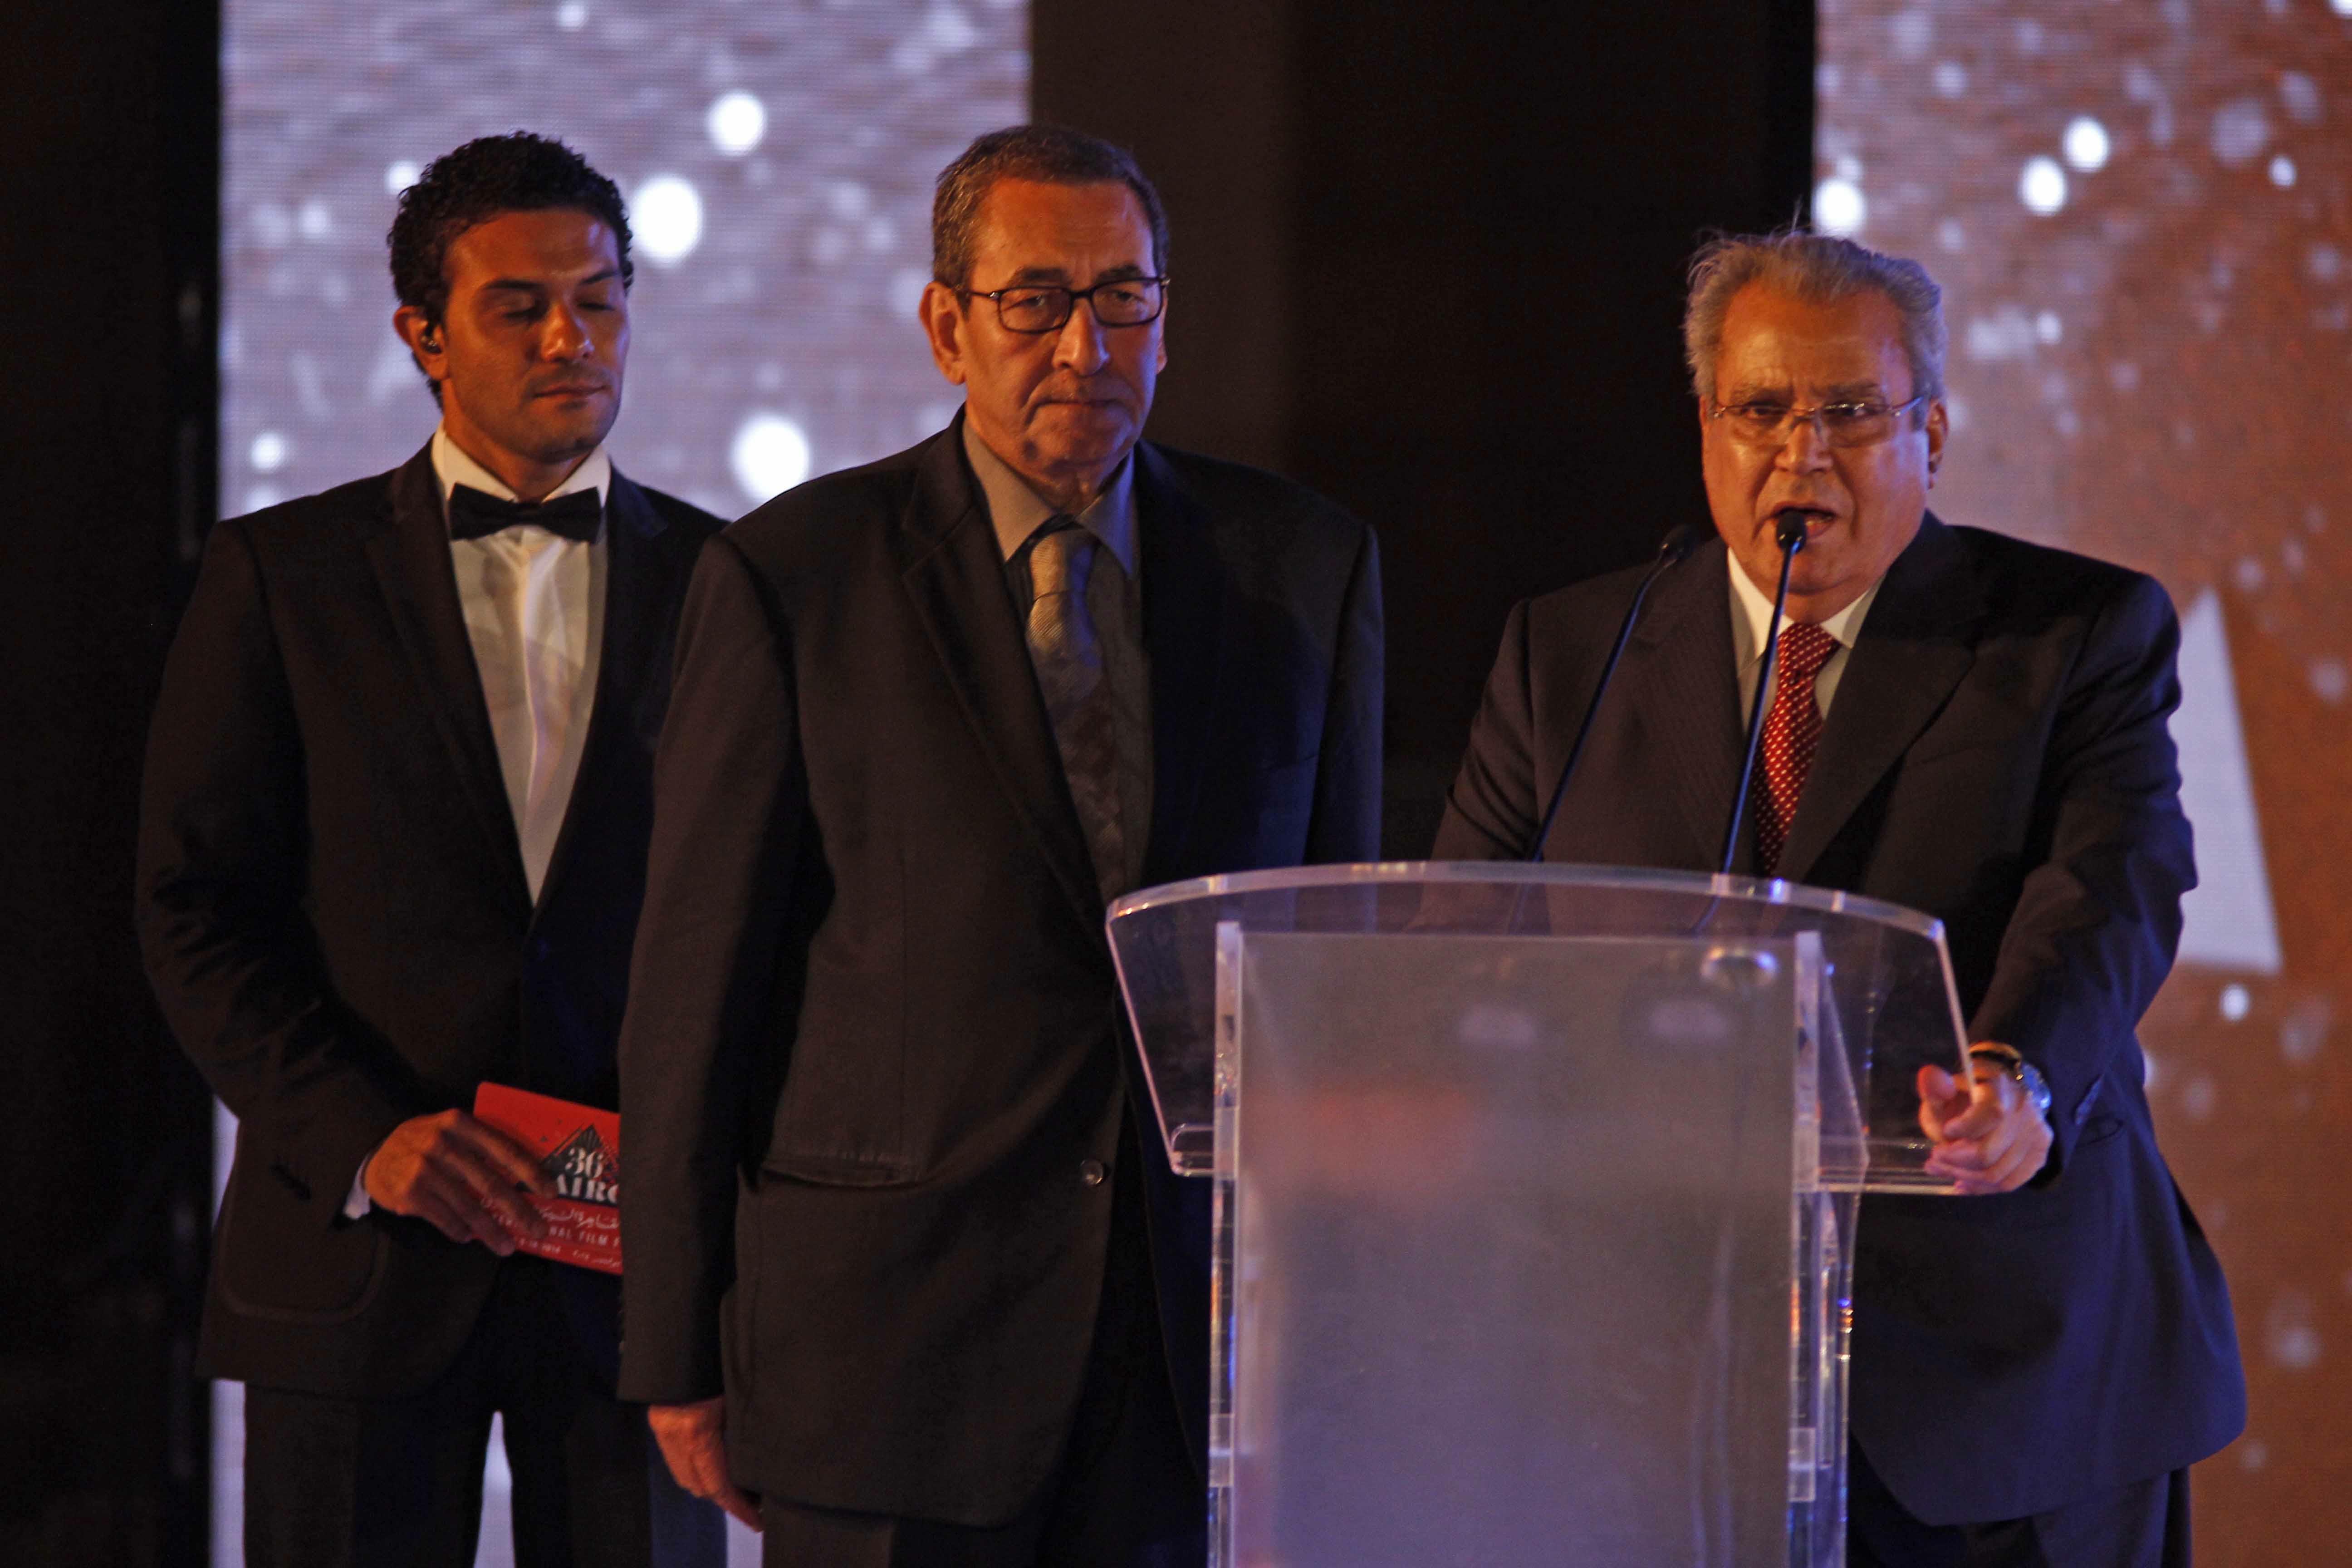 En una gala conducida por el joven actor egipcio Asser Yassin, con presencia de su director en el escenario, el crítico de cine Samir Farid, el festival fue inaugurado oficialmente por el ministro de Cultura, Gaber Asfour.